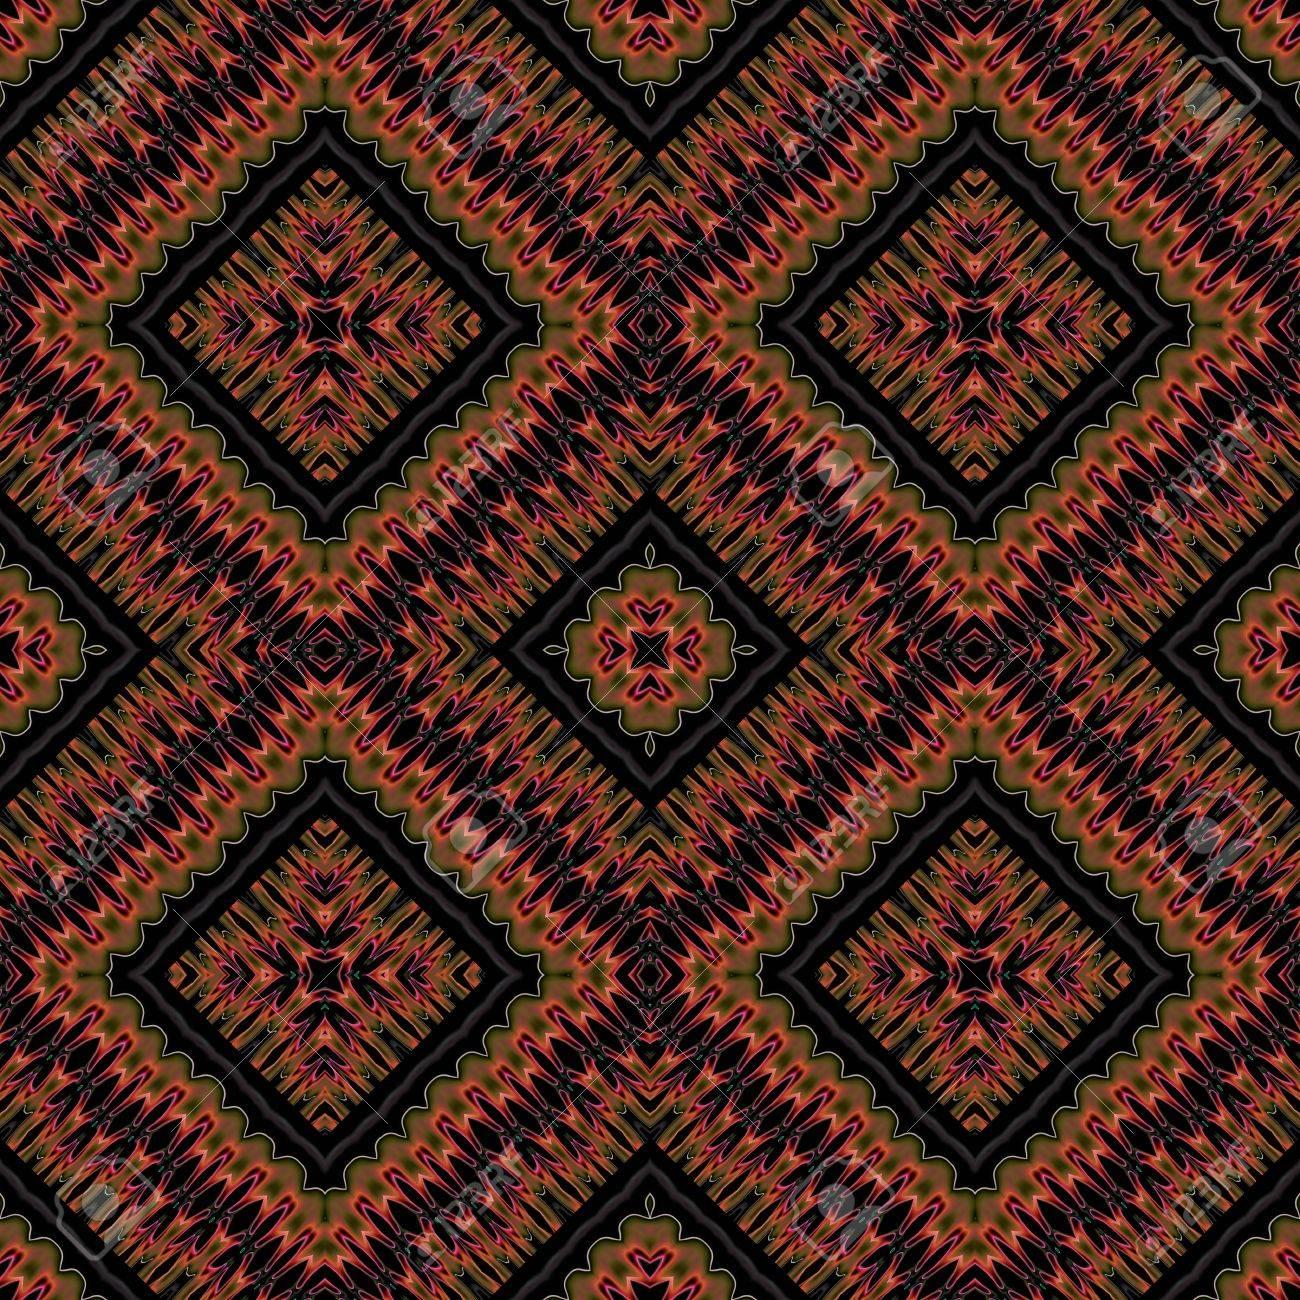 シームレスな市松模様茶色正規歴史壁紙 の写真素材 画像素材 Image